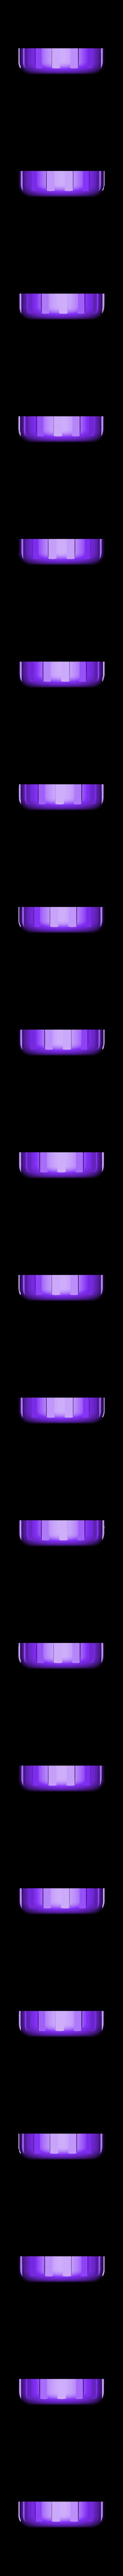 nut.stl Télécharger fichier STL gratuit nut and screw ( thread 11mm ) • Modèle à imprimer en 3D, 3D-mon